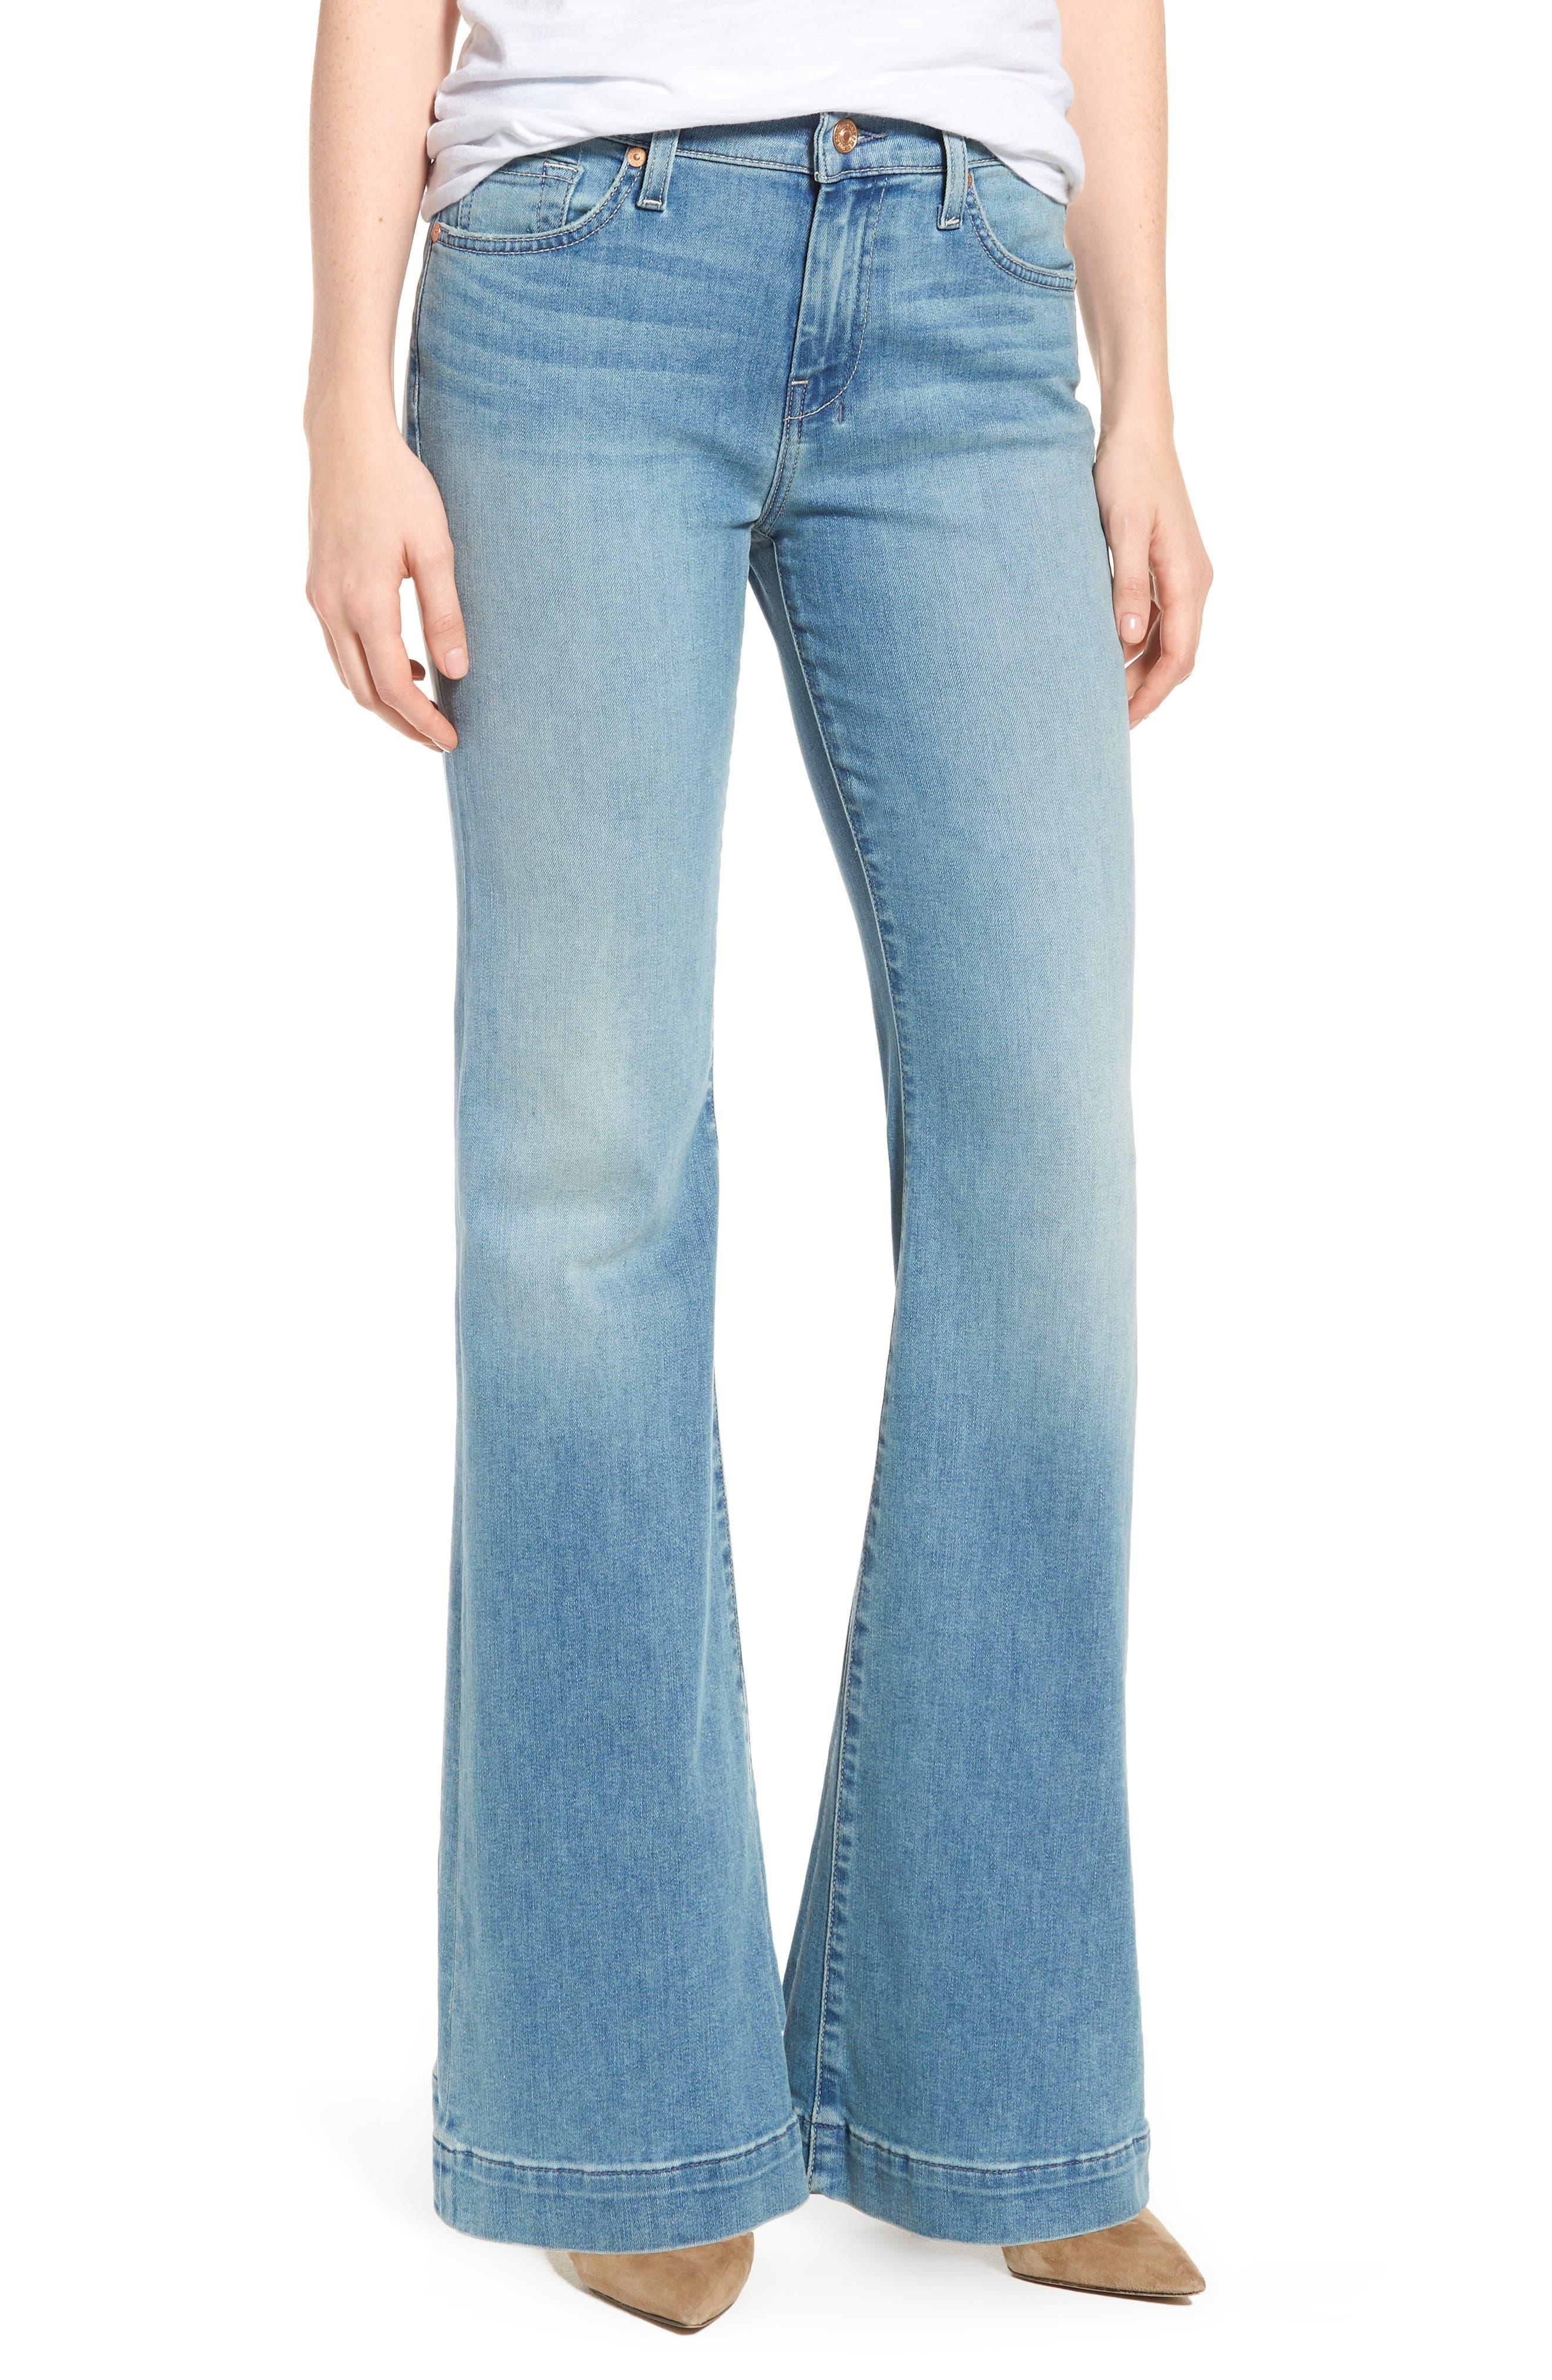 Dojo Wide Leg Jeans,                             Main thumbnail 1, color,                             Desert Heights